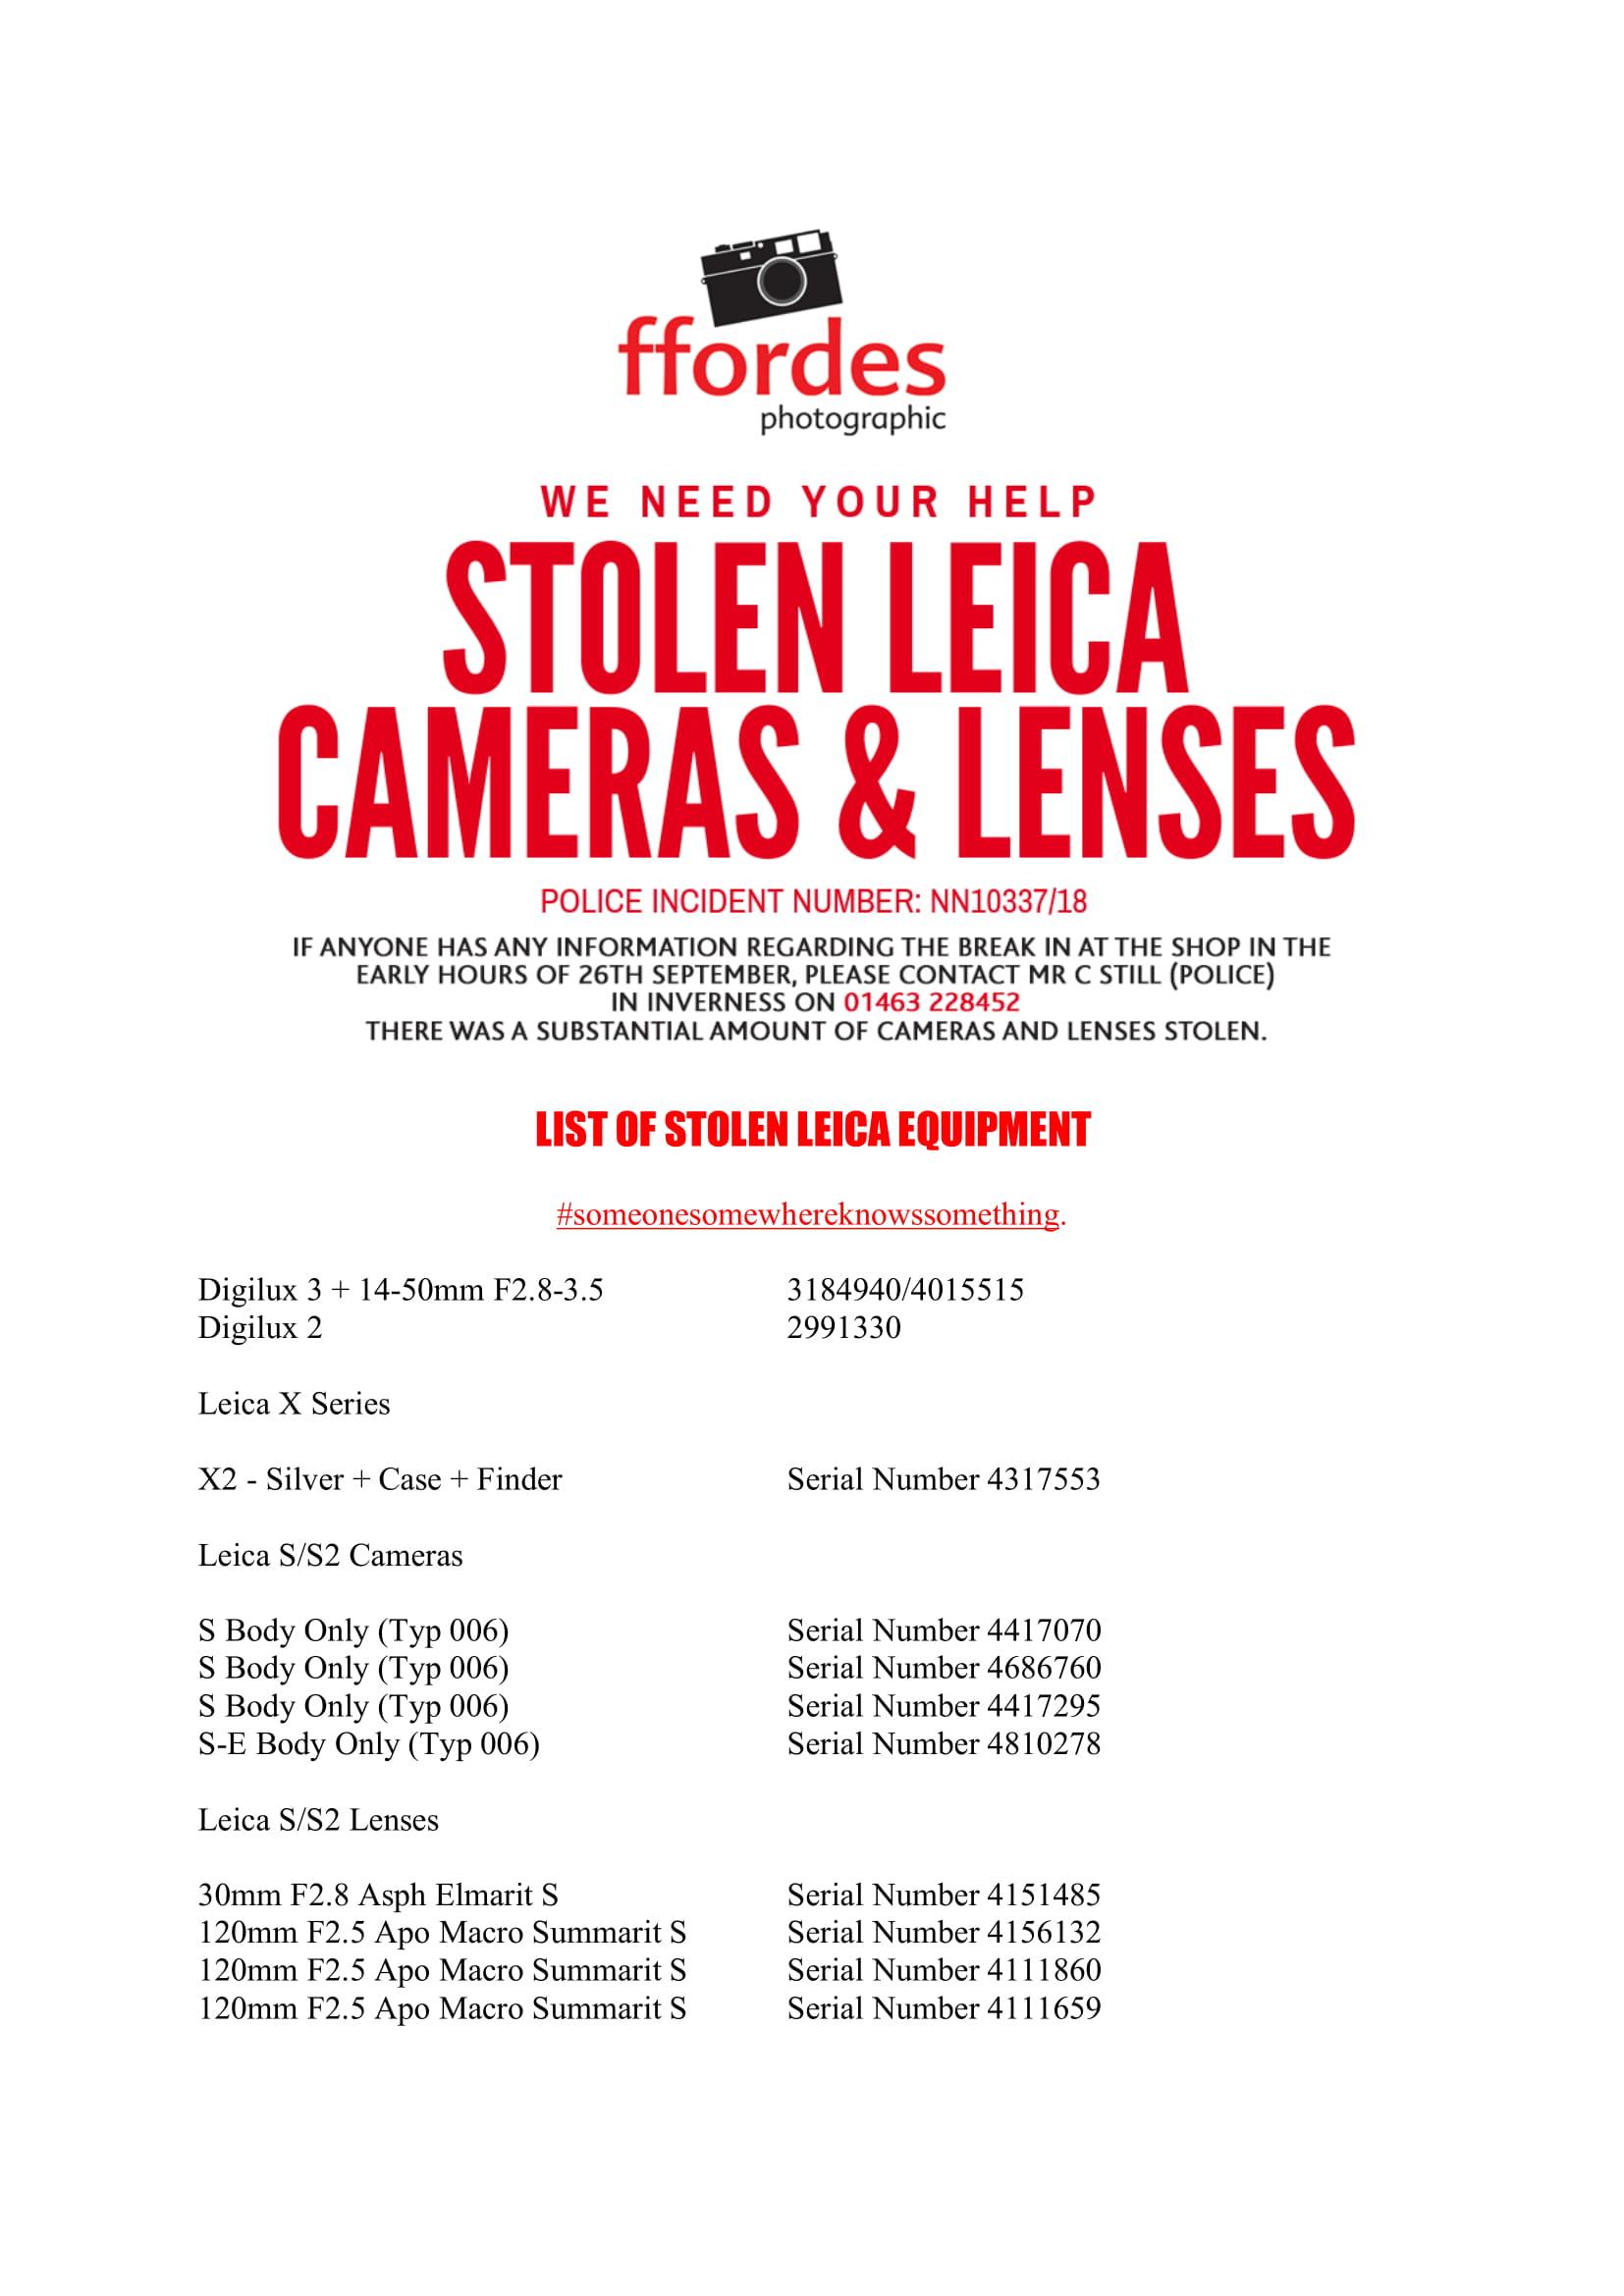 FFORDES LIST OF STOLEN LEICA EQUIPMENT 1 image